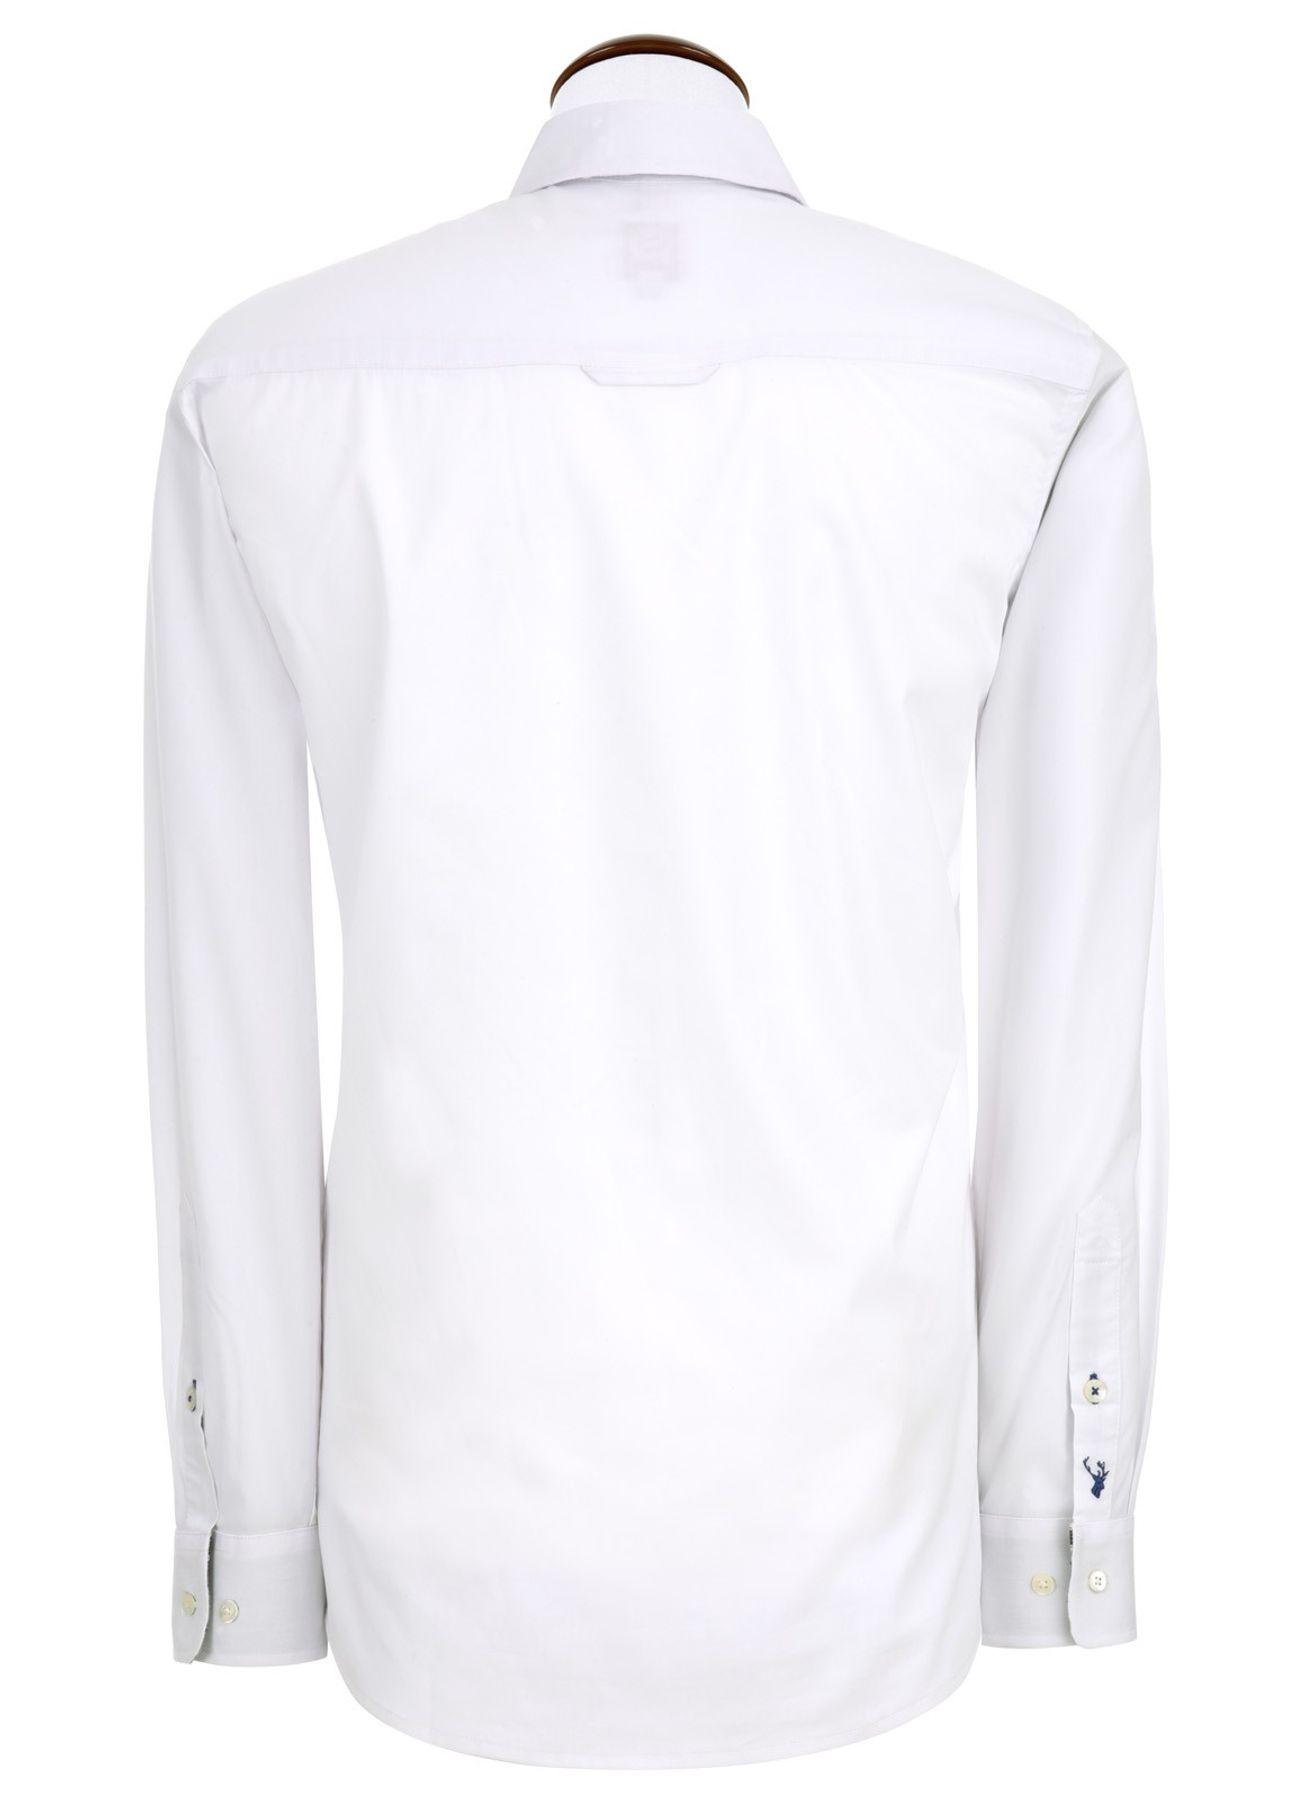 Spieth & Wensky - Slim Line - Herren Trachten Hemd mit Kent Kragen mit farblichen Highlights (240770-0755) – Bild 4